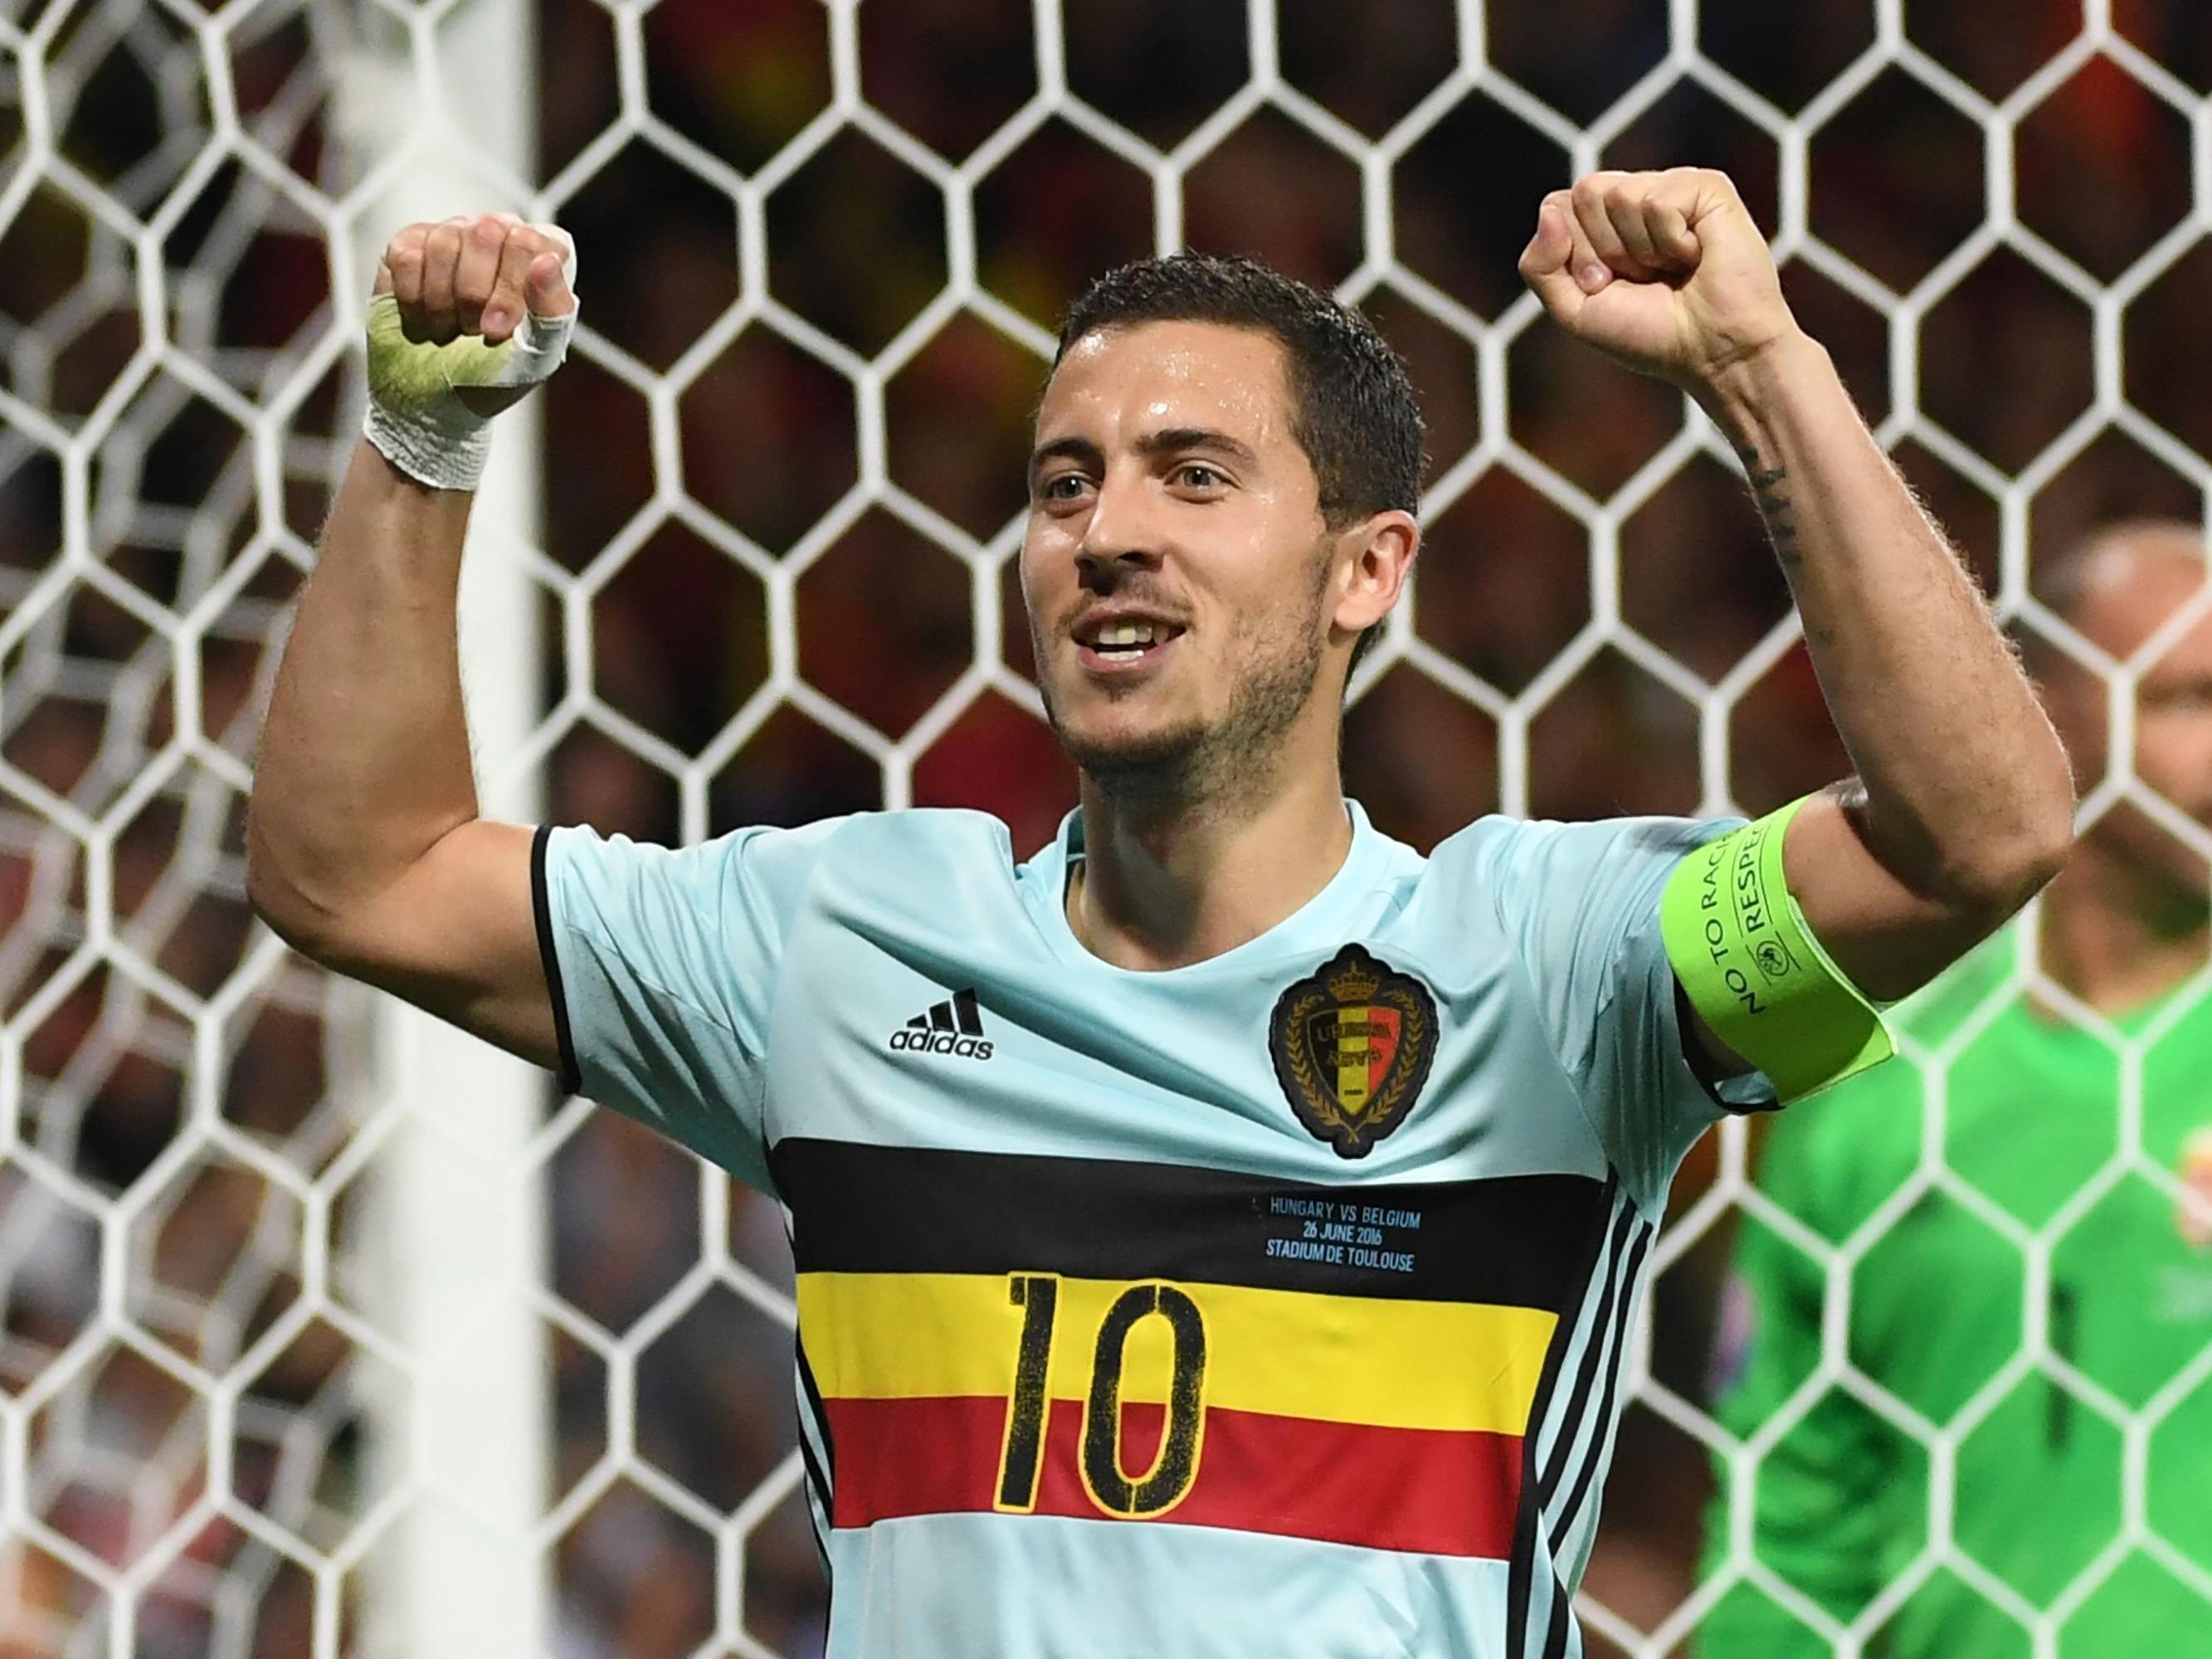 Hazard führte Belgien mit einer starken Leistung ins Viertelfinale.